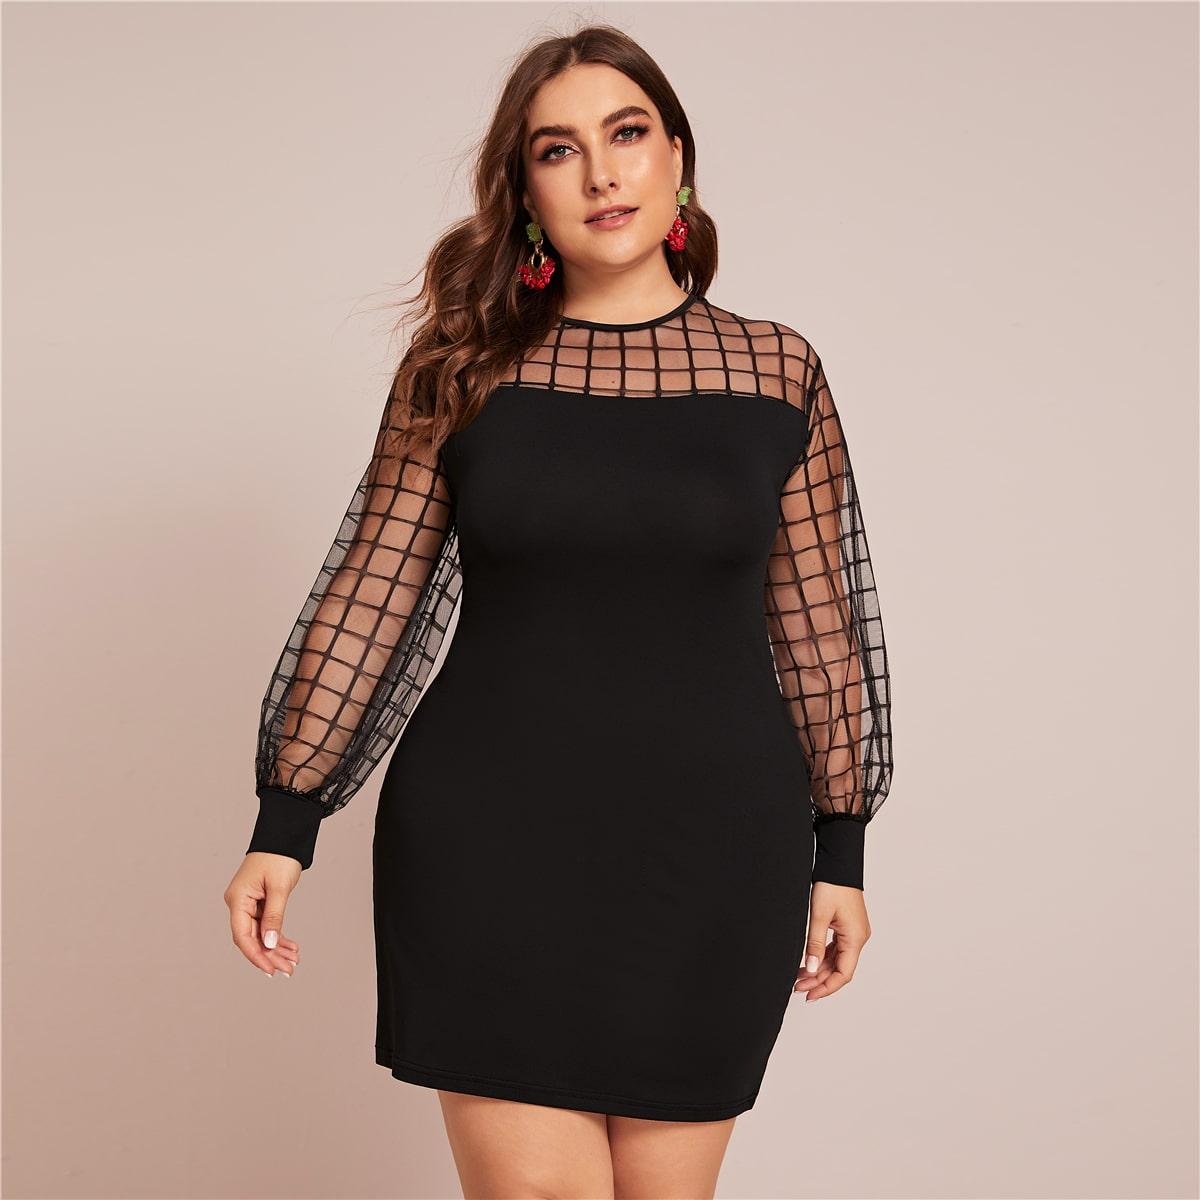 Сетчатое платье-футболка в клетку размера плюс